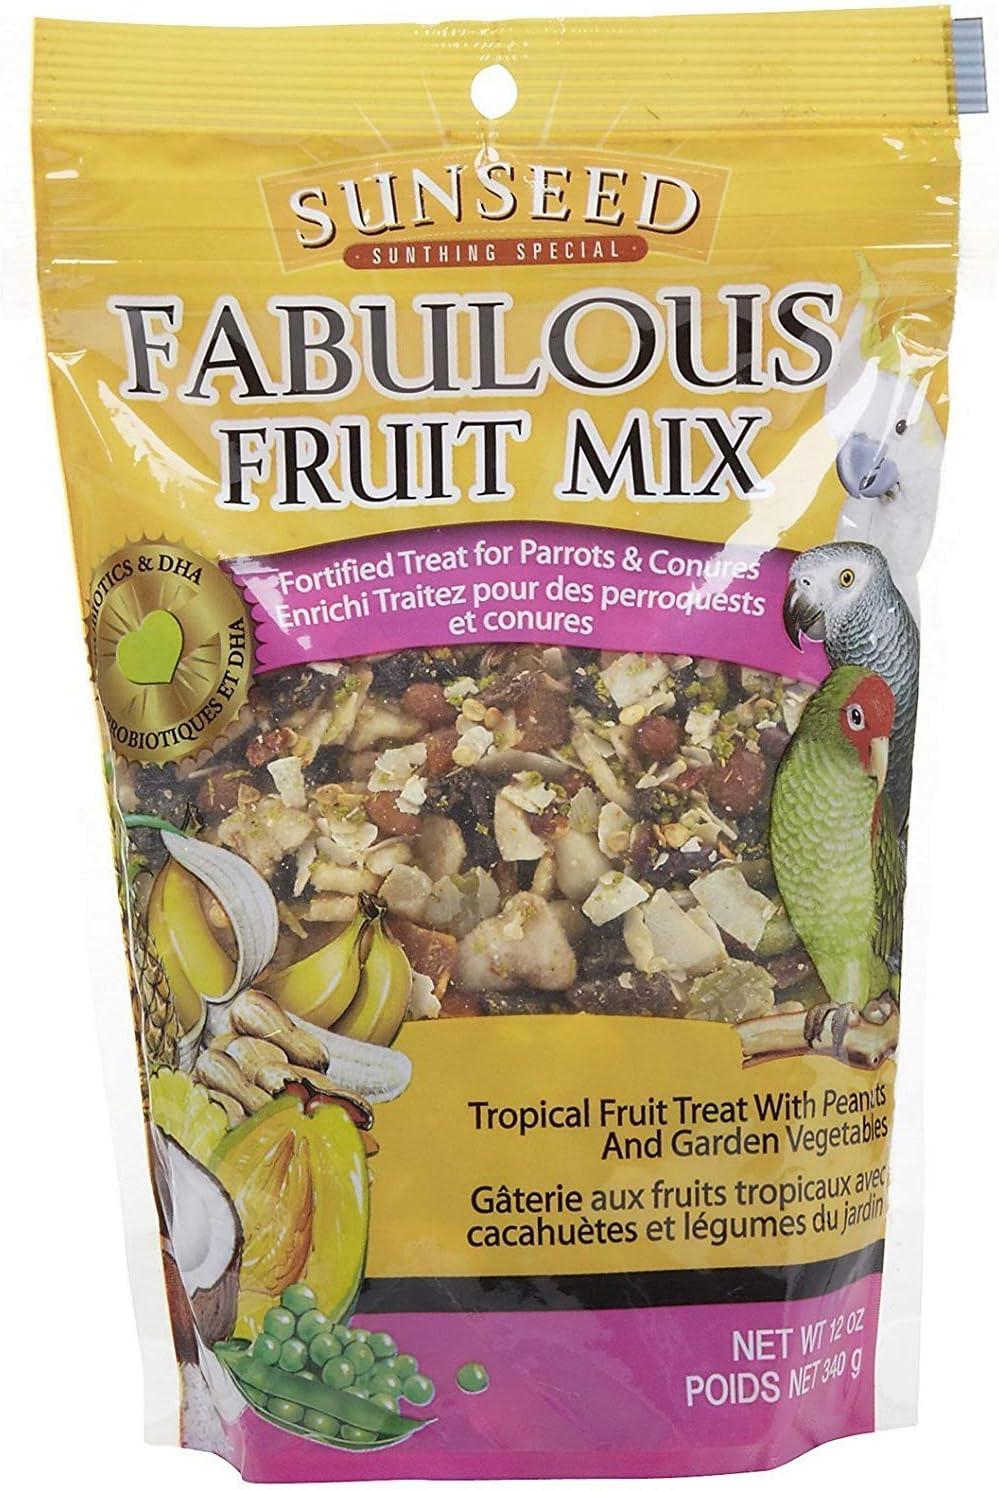 Fabulous Fruit Mix For Parrots & Conures